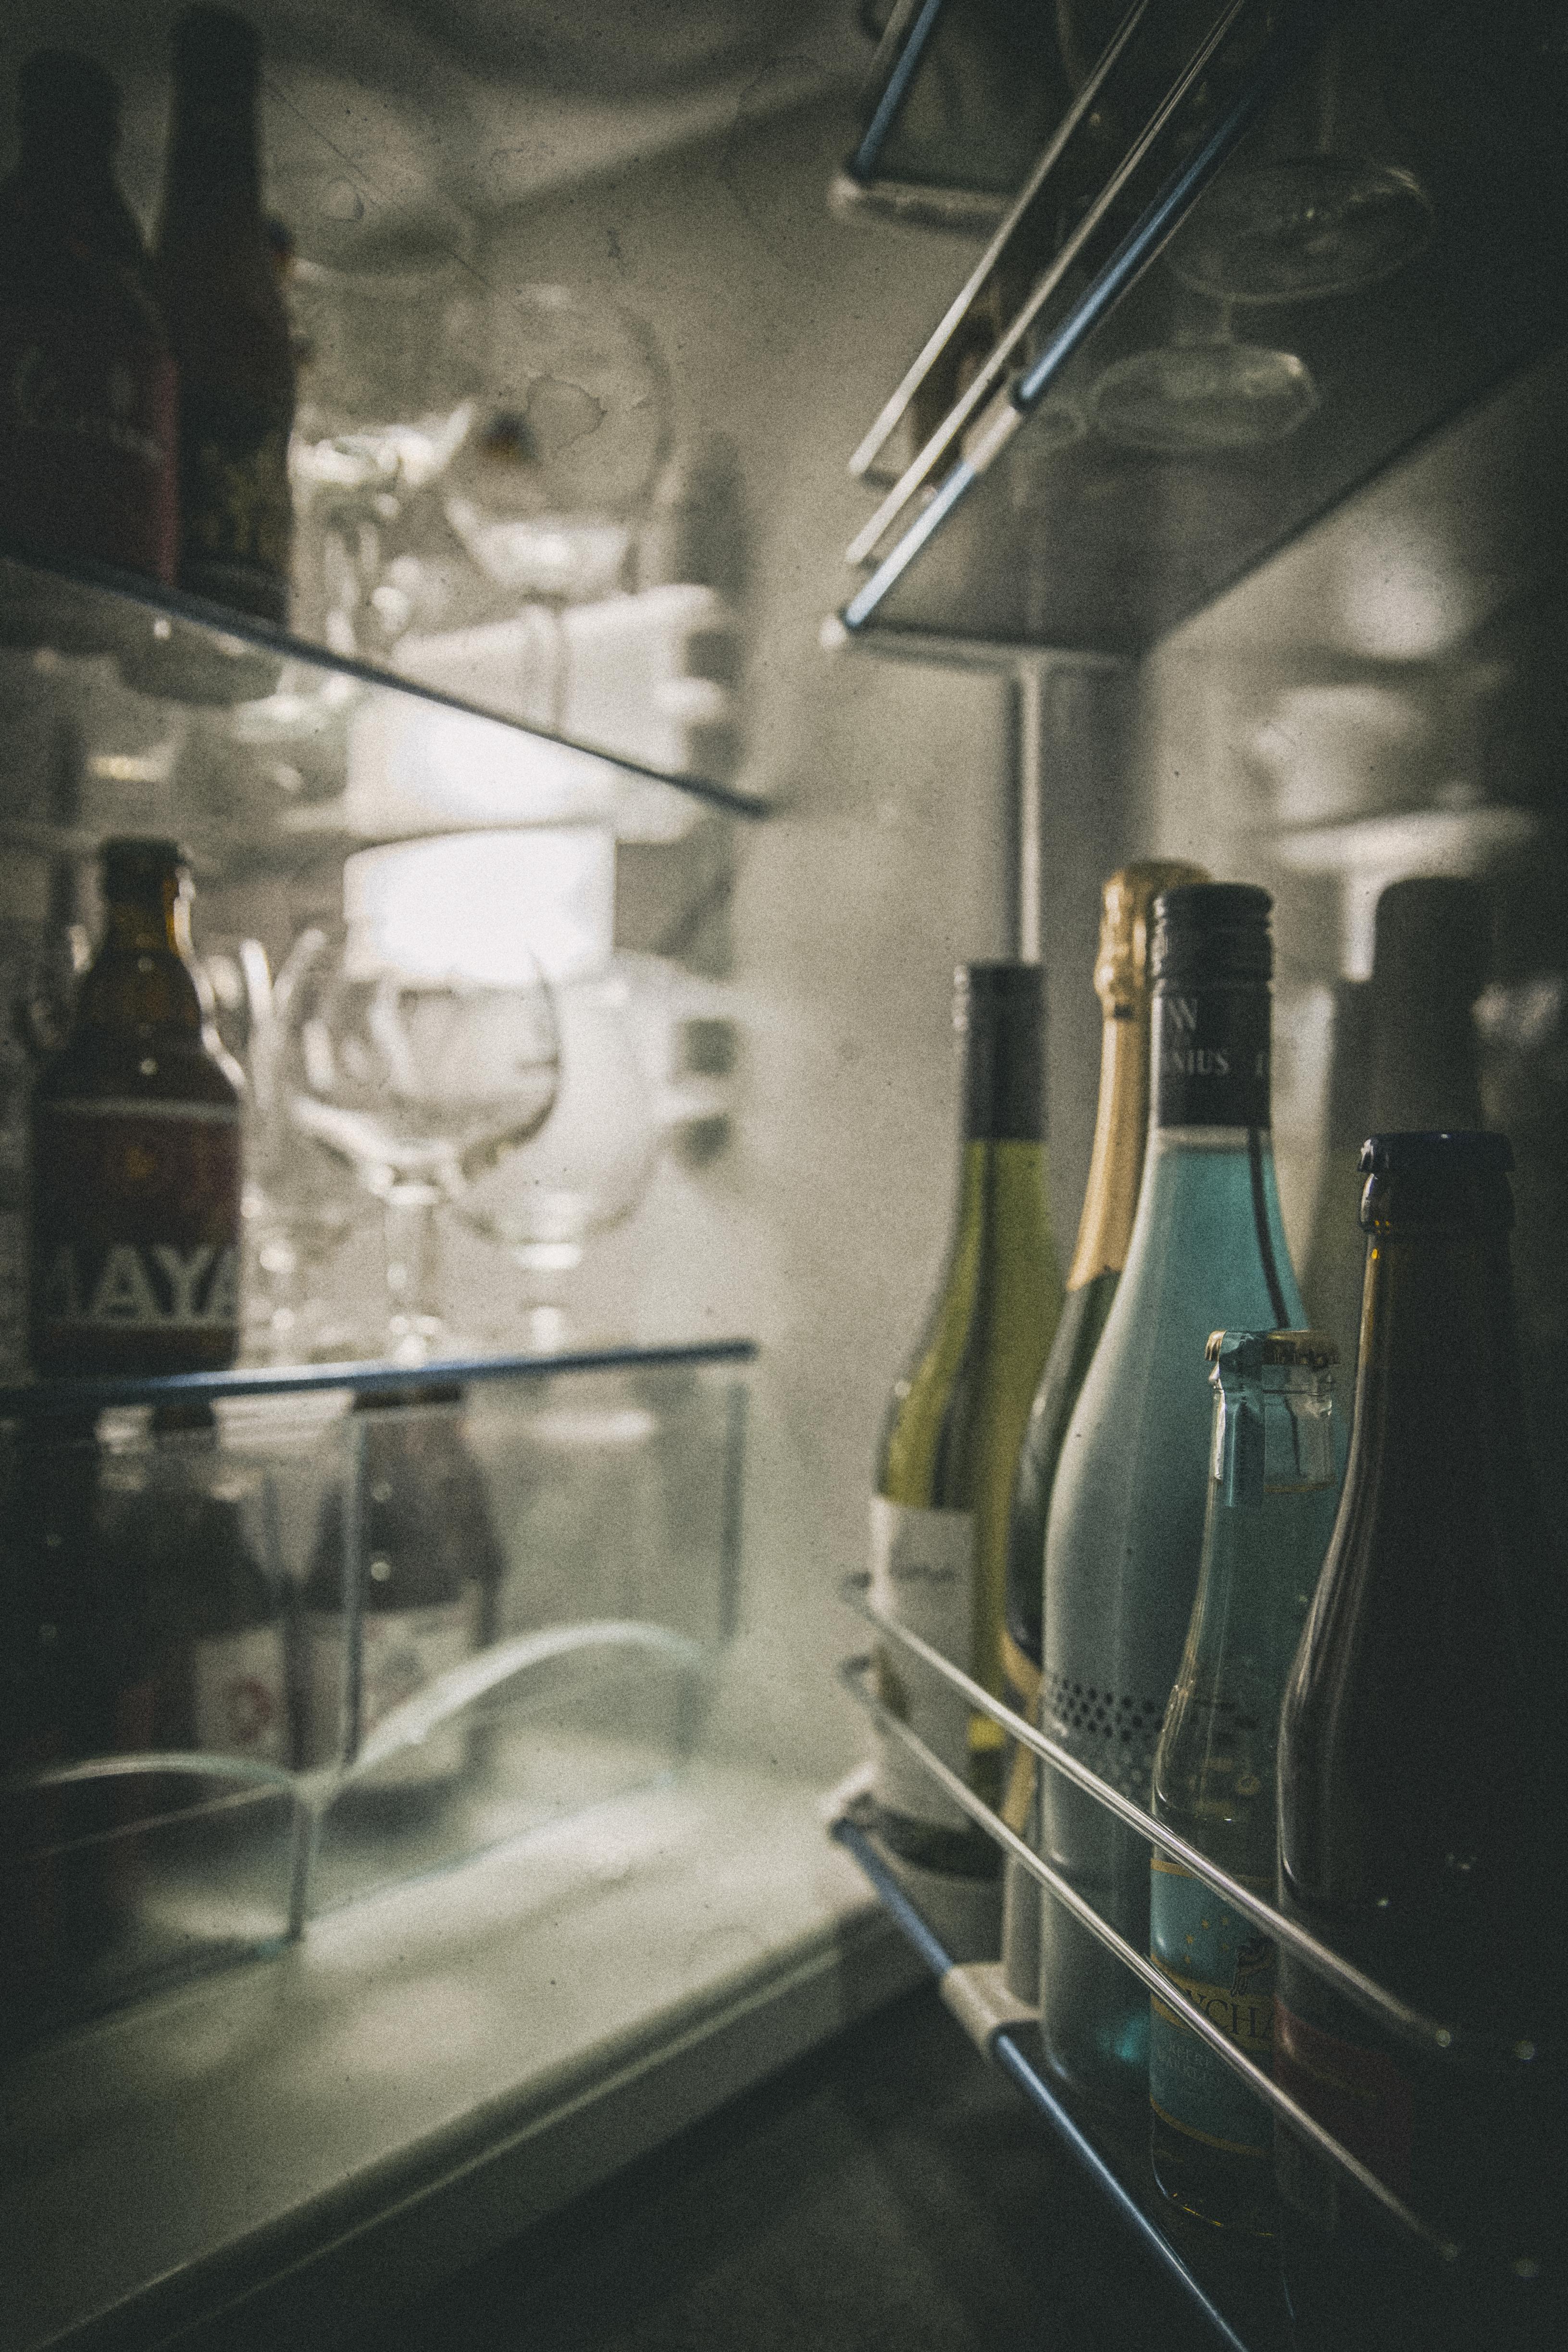 vizet a hűtőszekrénybe